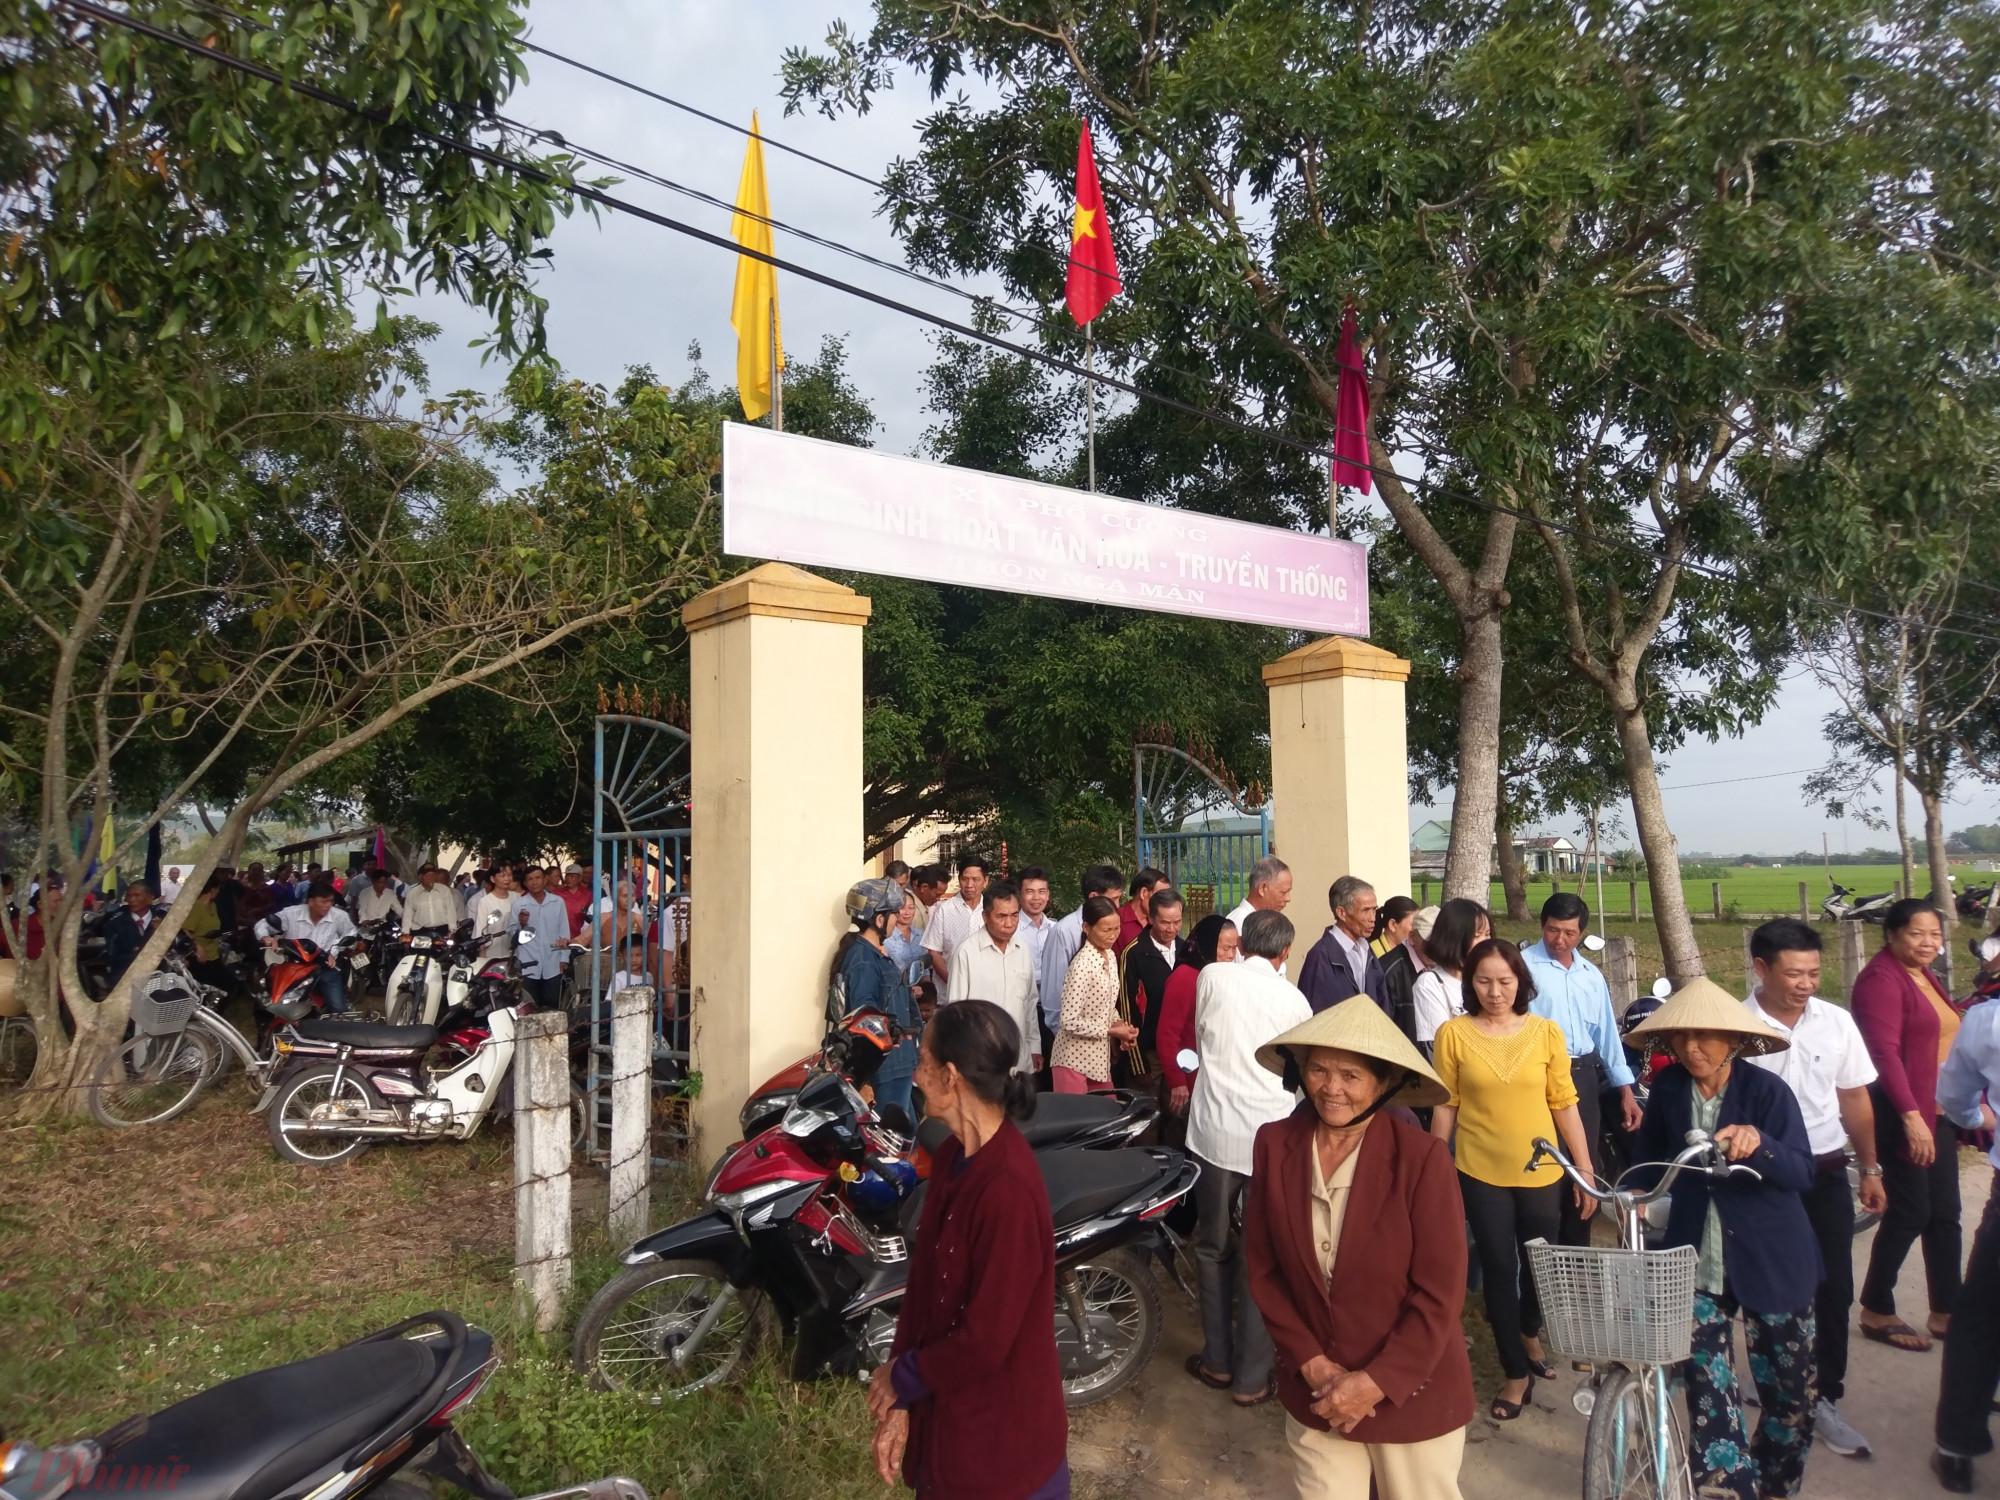 Hàng trăm người dân có mặt tại nhà truyền thống thôn trong ngày đầu năm.